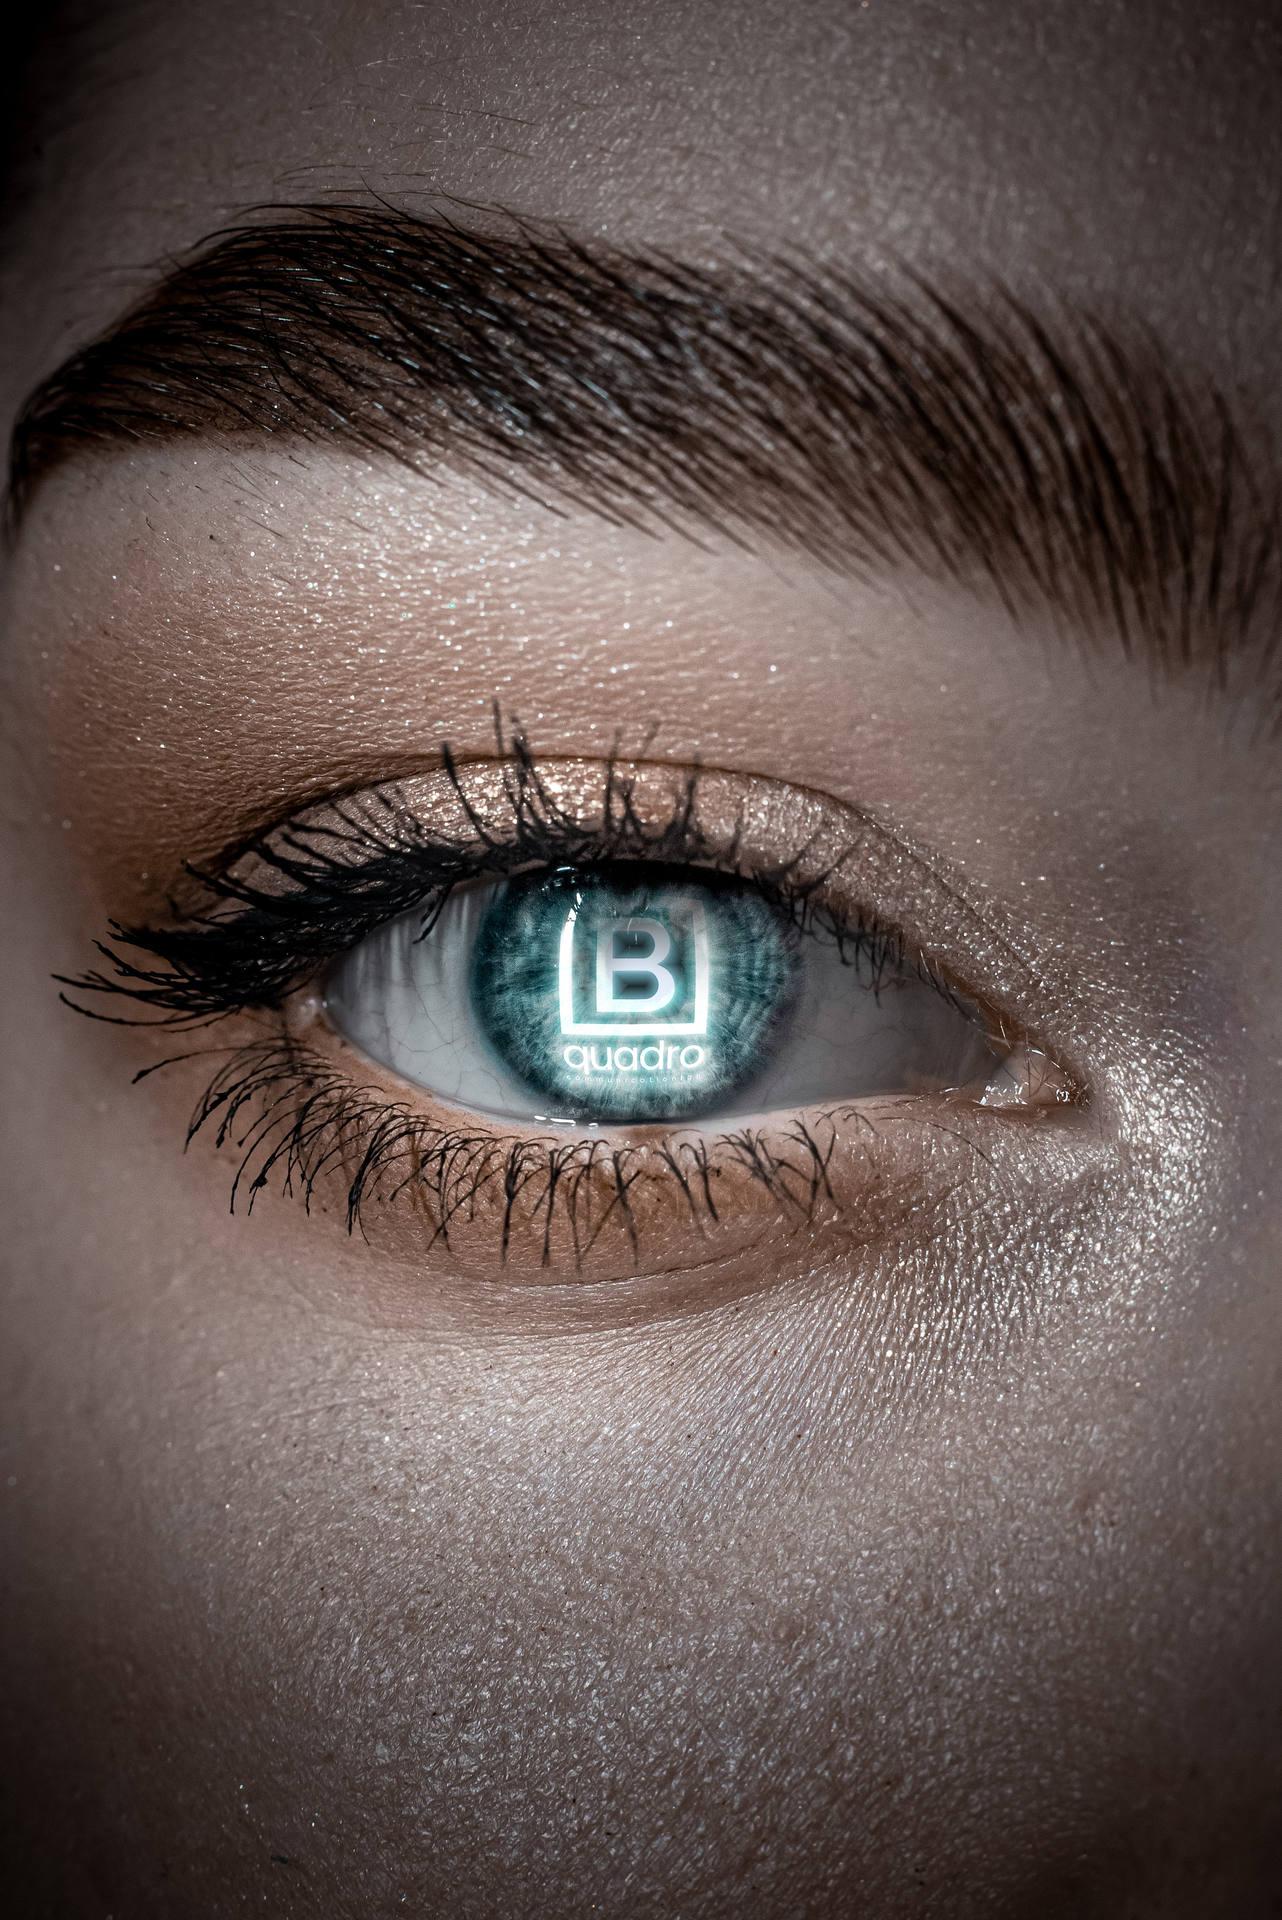 logo-bquadro-agency-agenzia-di-comunicazione-e-marketing-riflesso-in-occhio-femminile